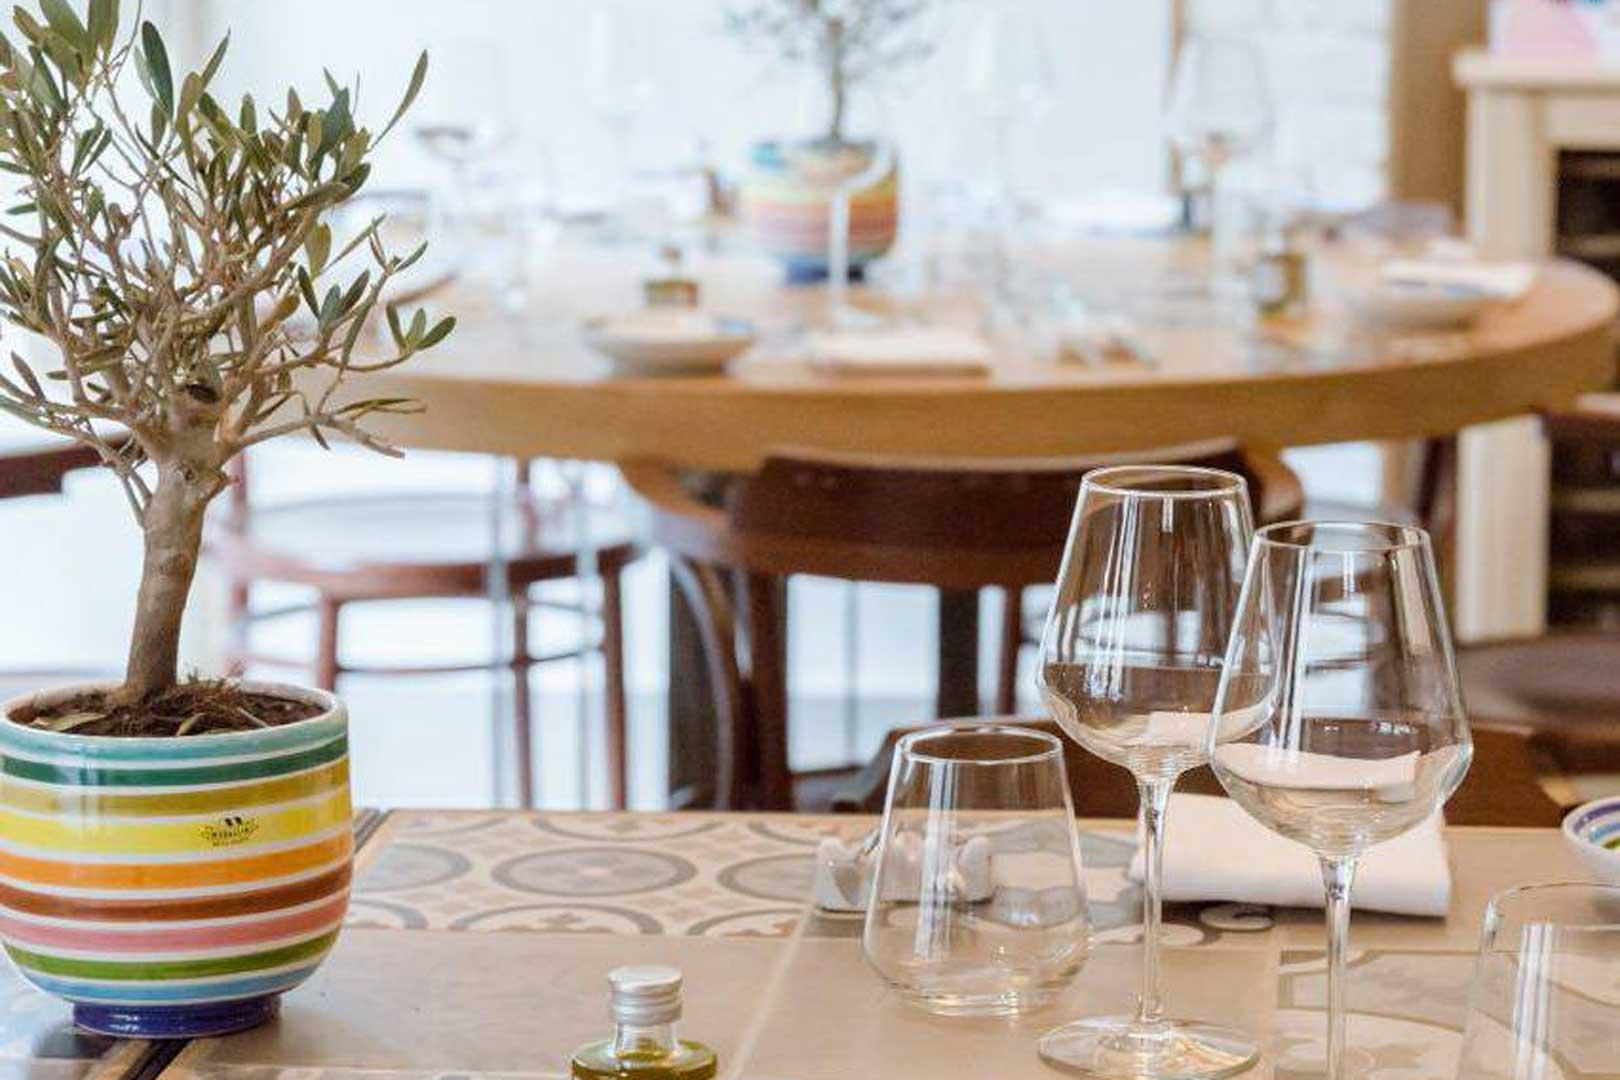 10-ristoranti-per-le-cene-di-natale-con-i-colleghi-olio-cucina-fresca